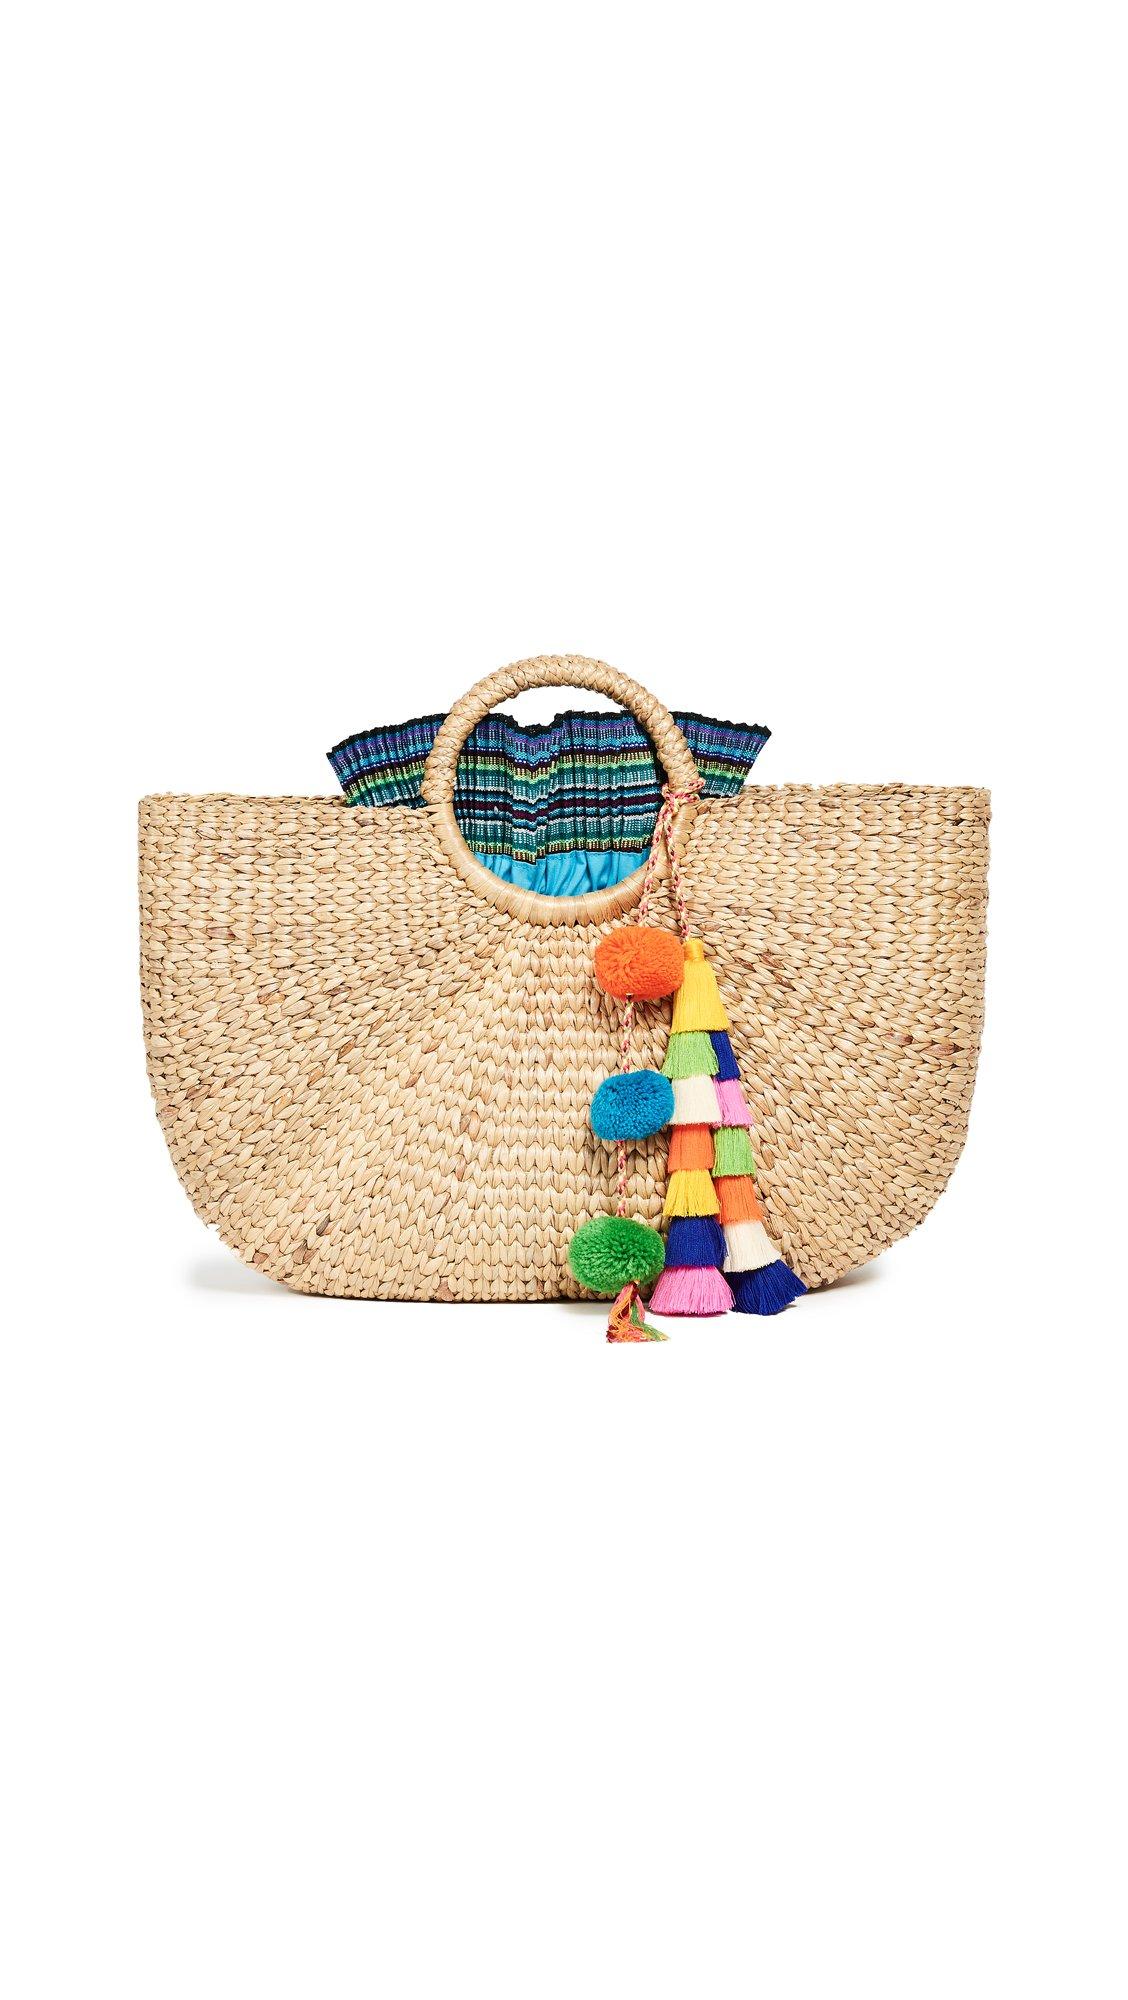 JADEtribe Women's Tassel Basket, Multi/Blue, One Size